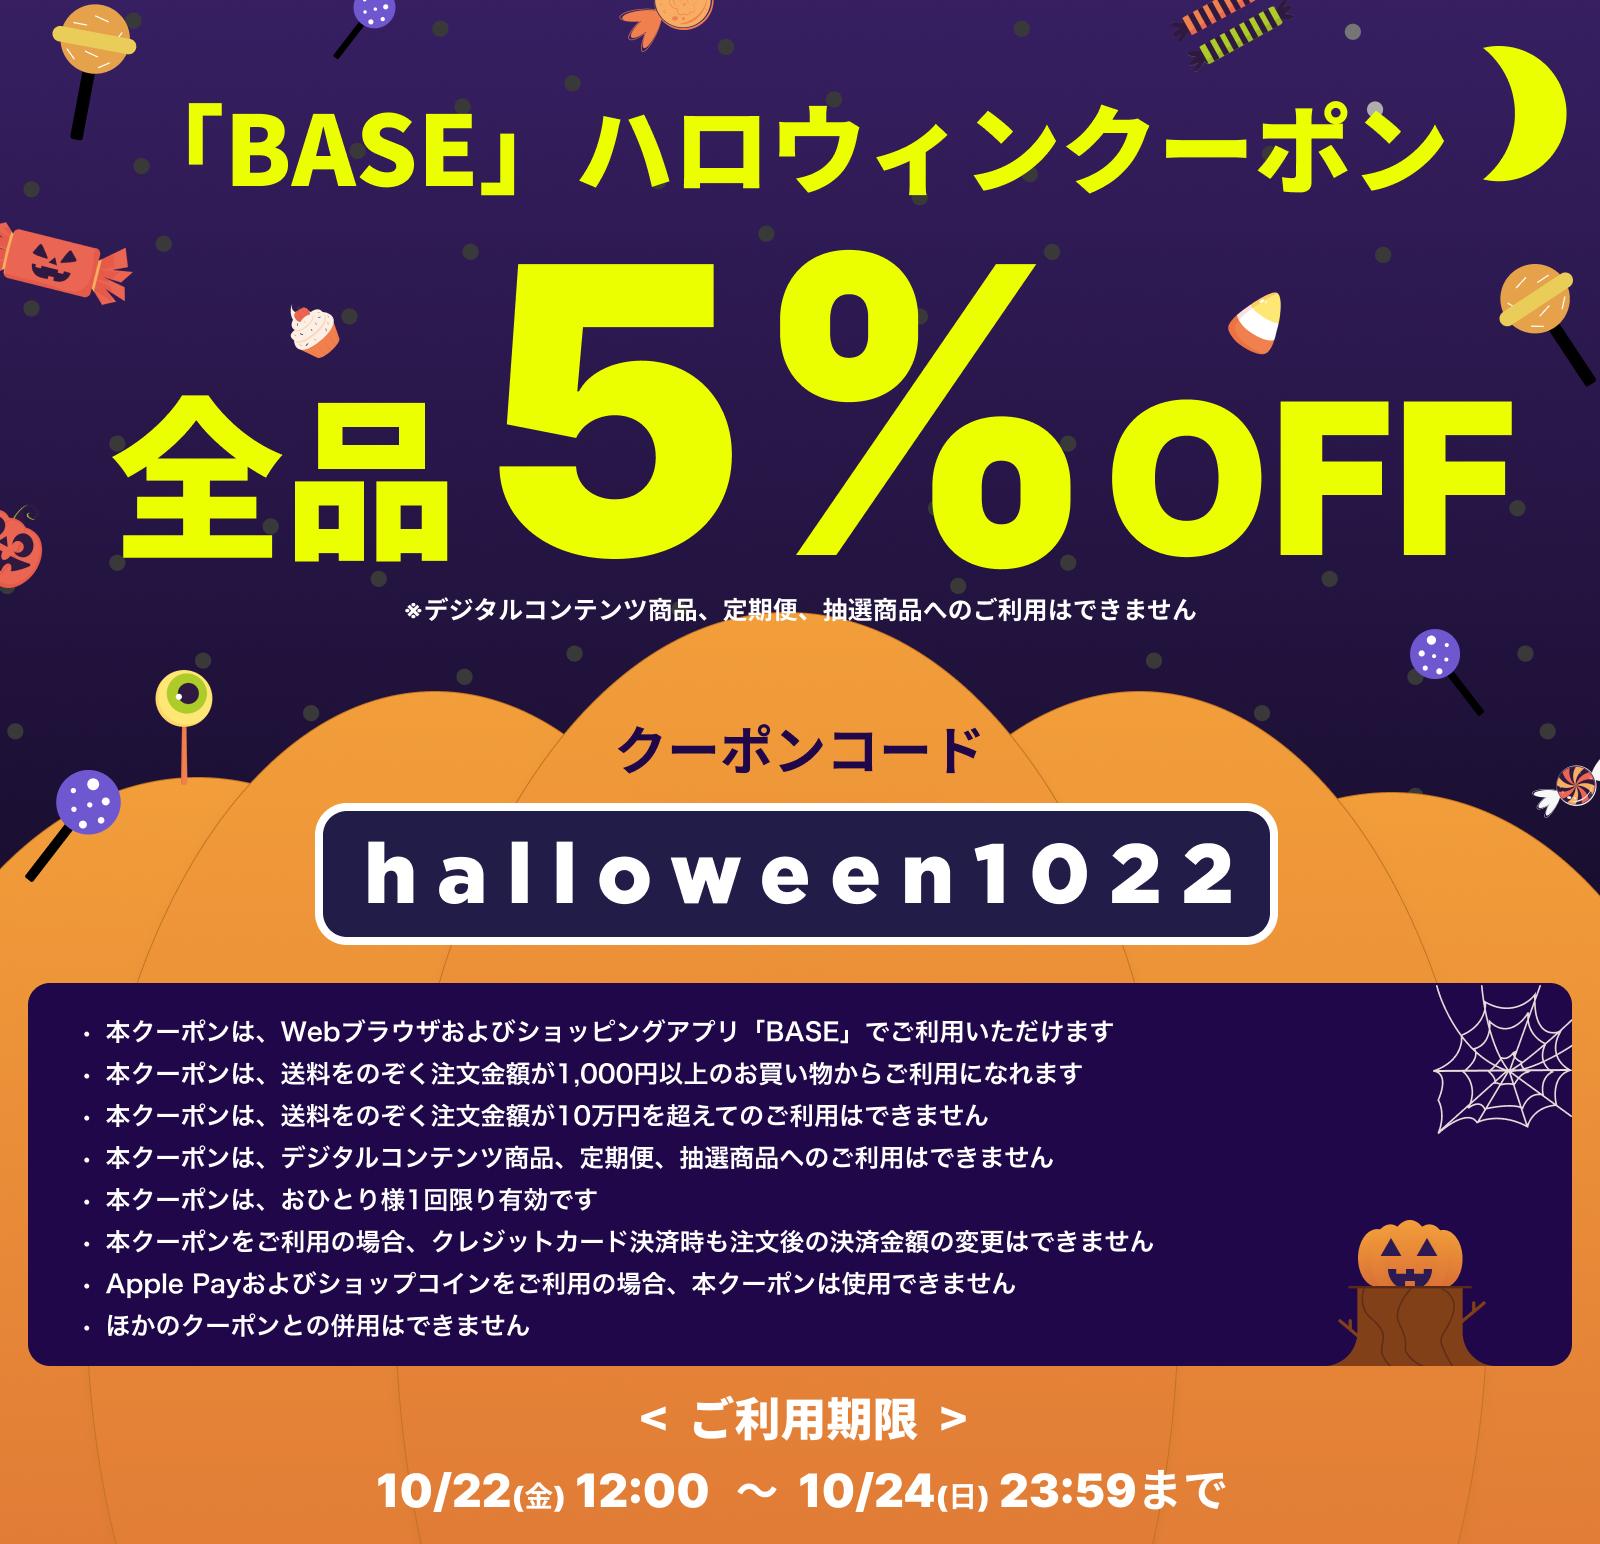 【10/22~10/24 期間限定】5%OFFクーポン